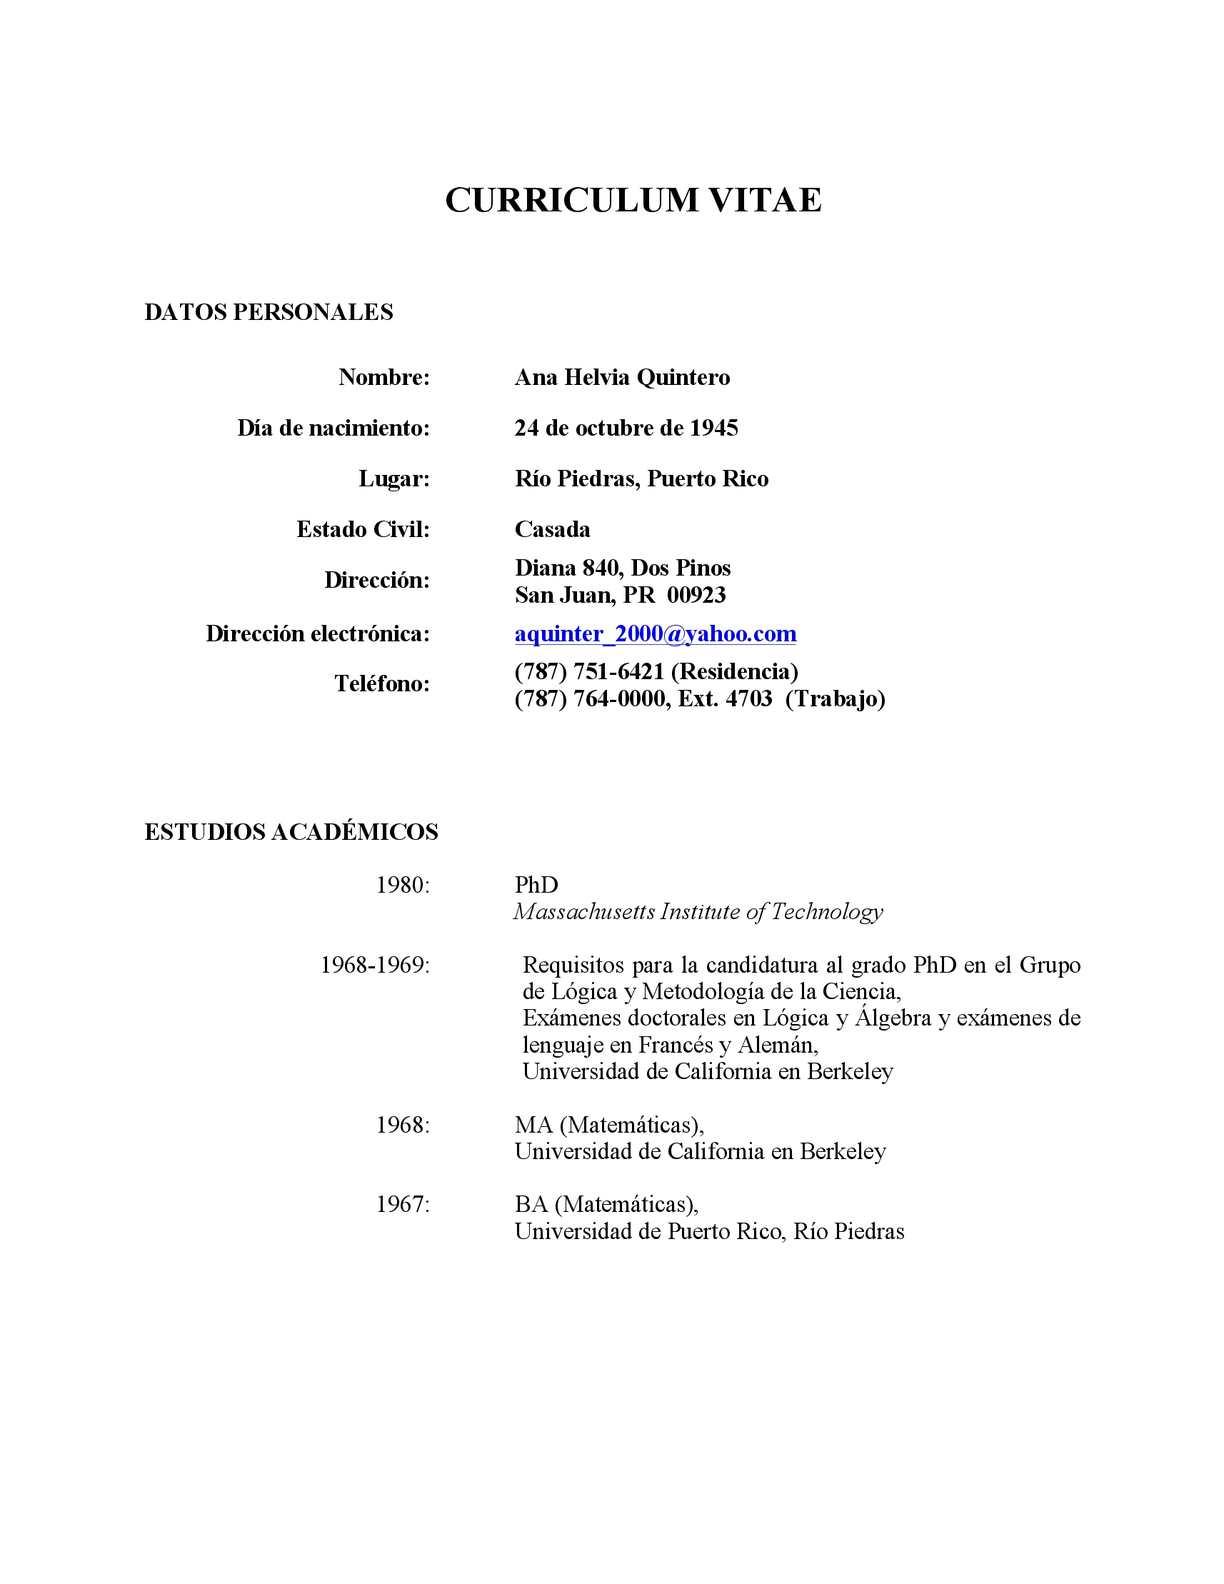 Calaméo - Curriculum Vitae A H Quintero 2013